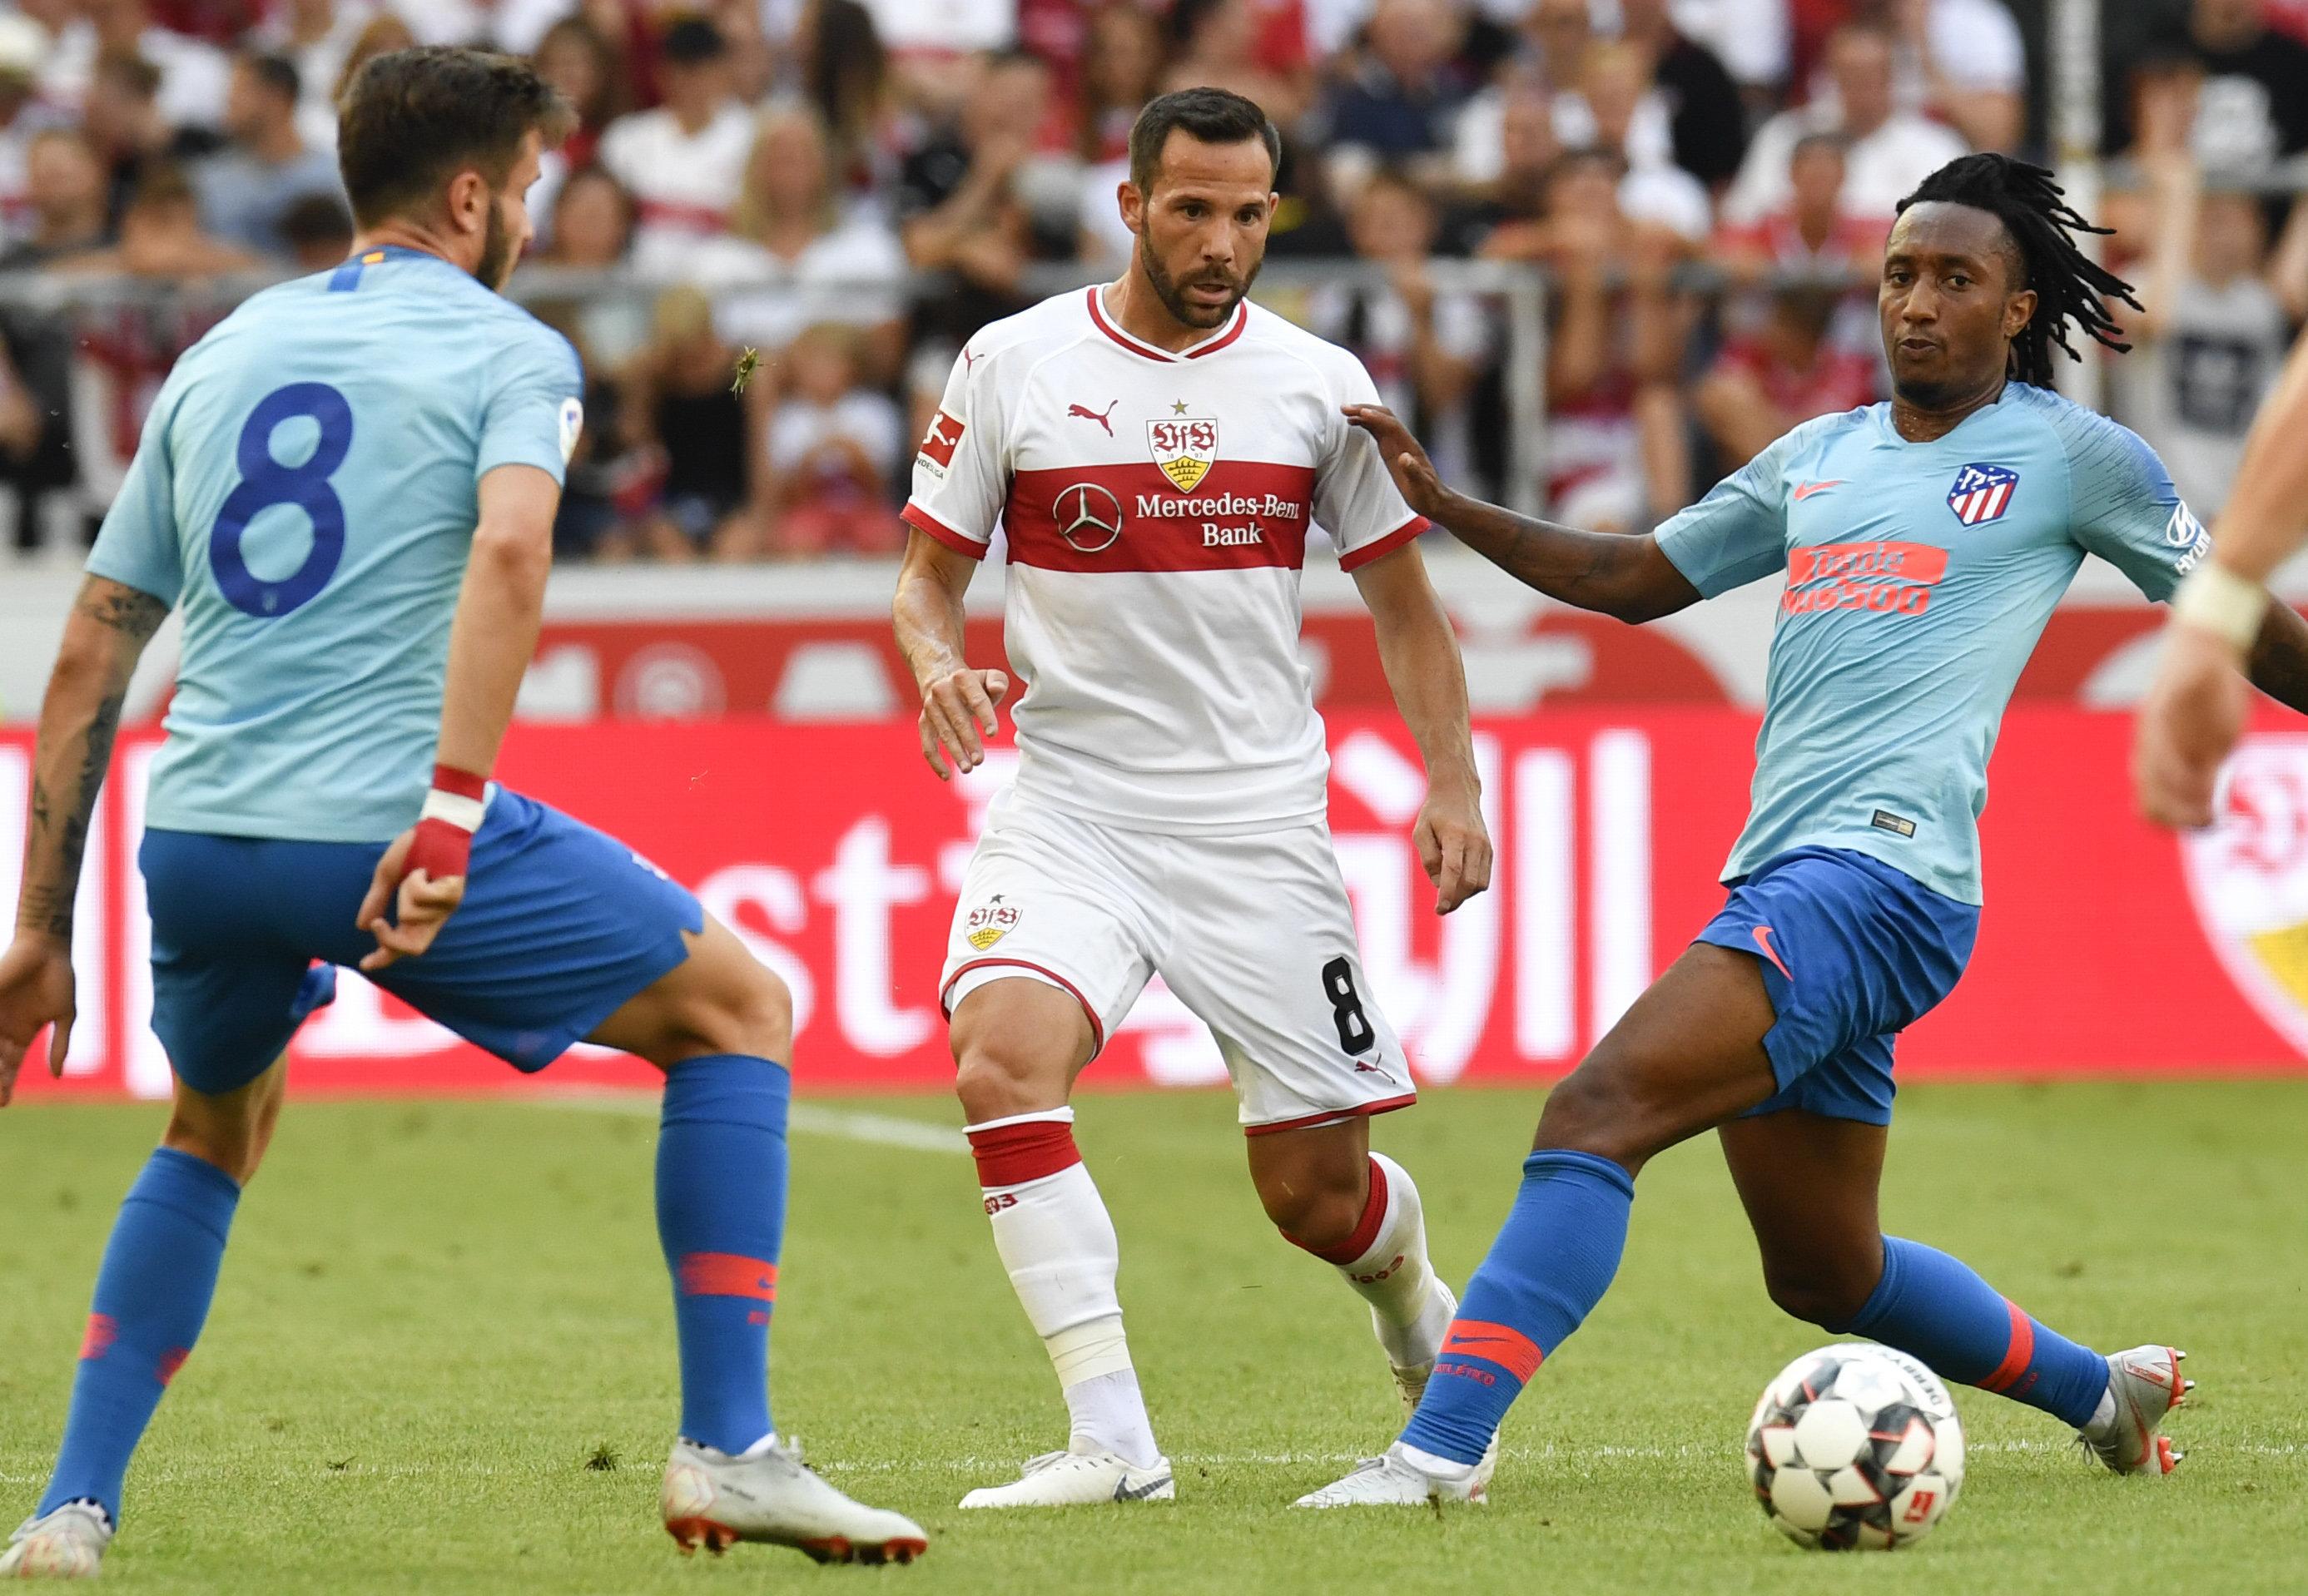 DFB-Pokal im Live-Stream: Hansa Rostock – VfB Stuttgart online